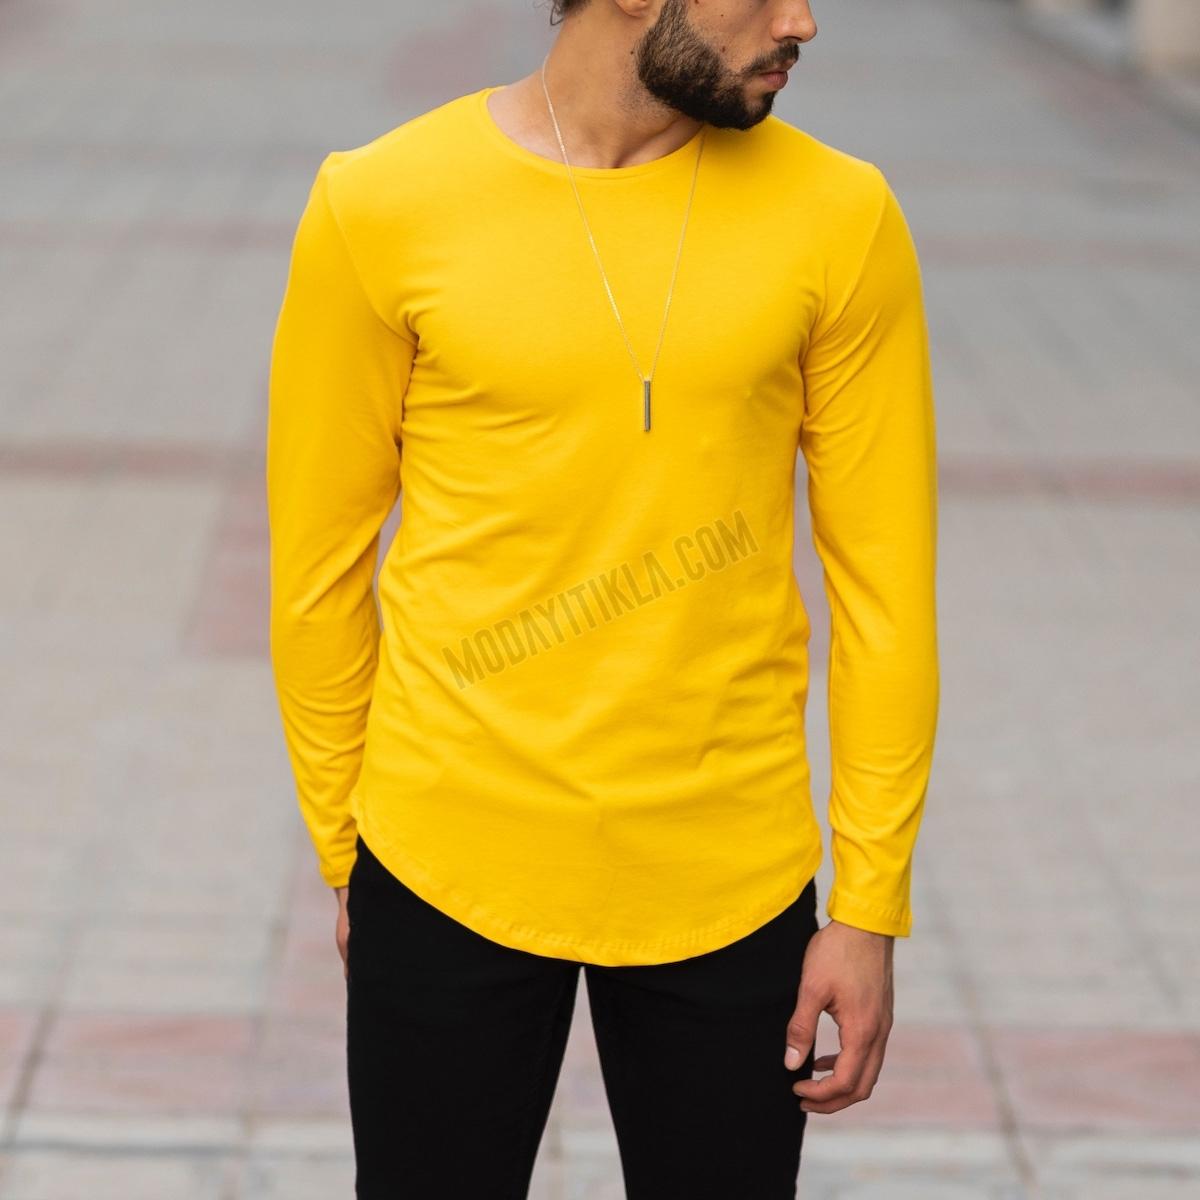 Erkek Uzun Kesim Sarı Sweatshirt